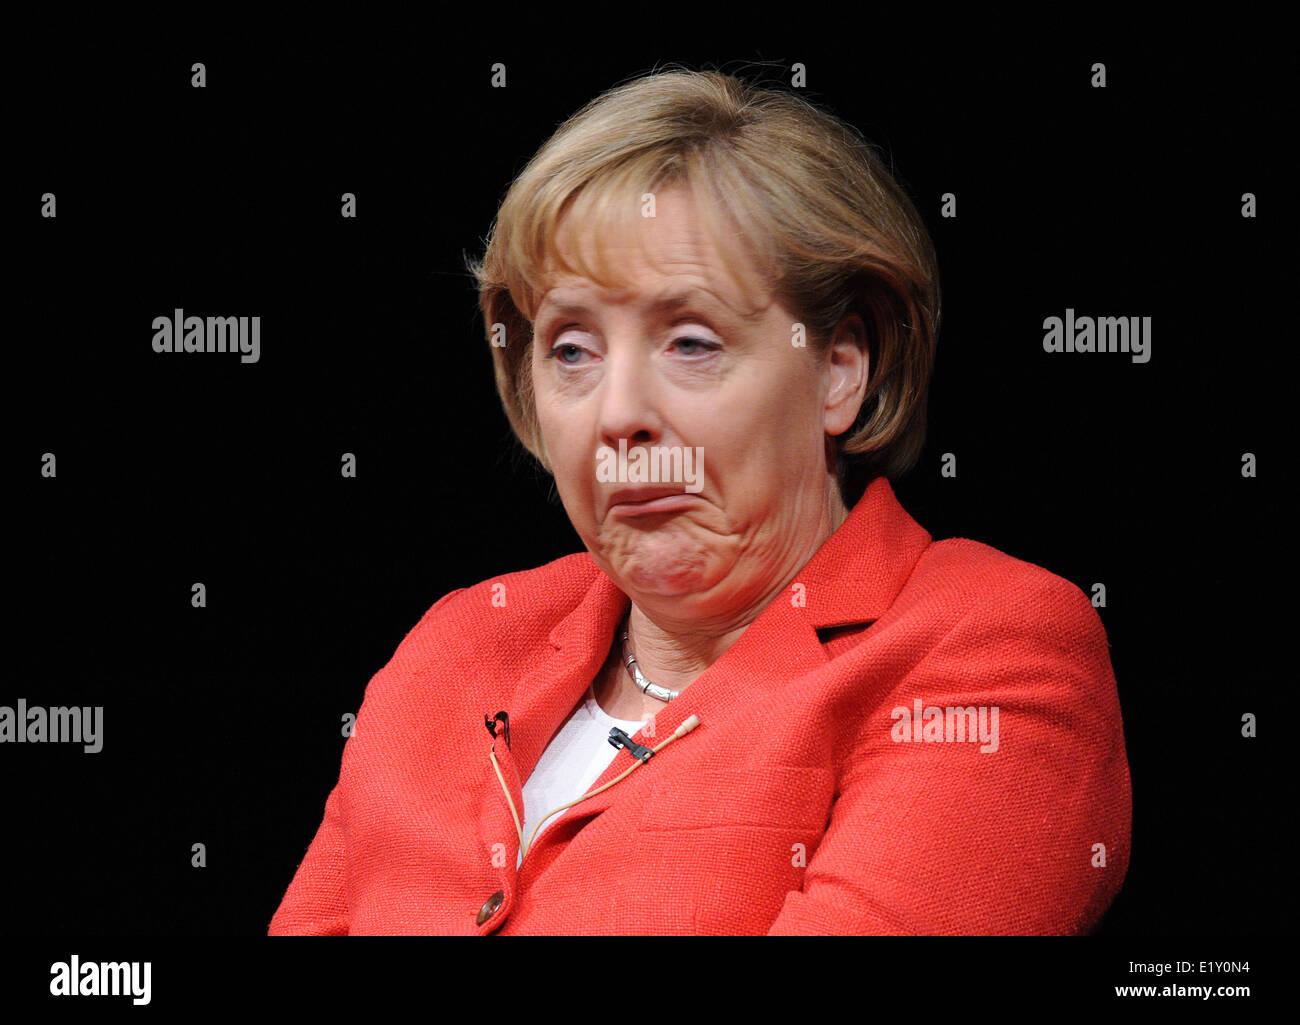 Celebrites Angela Merkel nudes (85 photos), Pussy, Paparazzi, Feet, cameltoe 2020